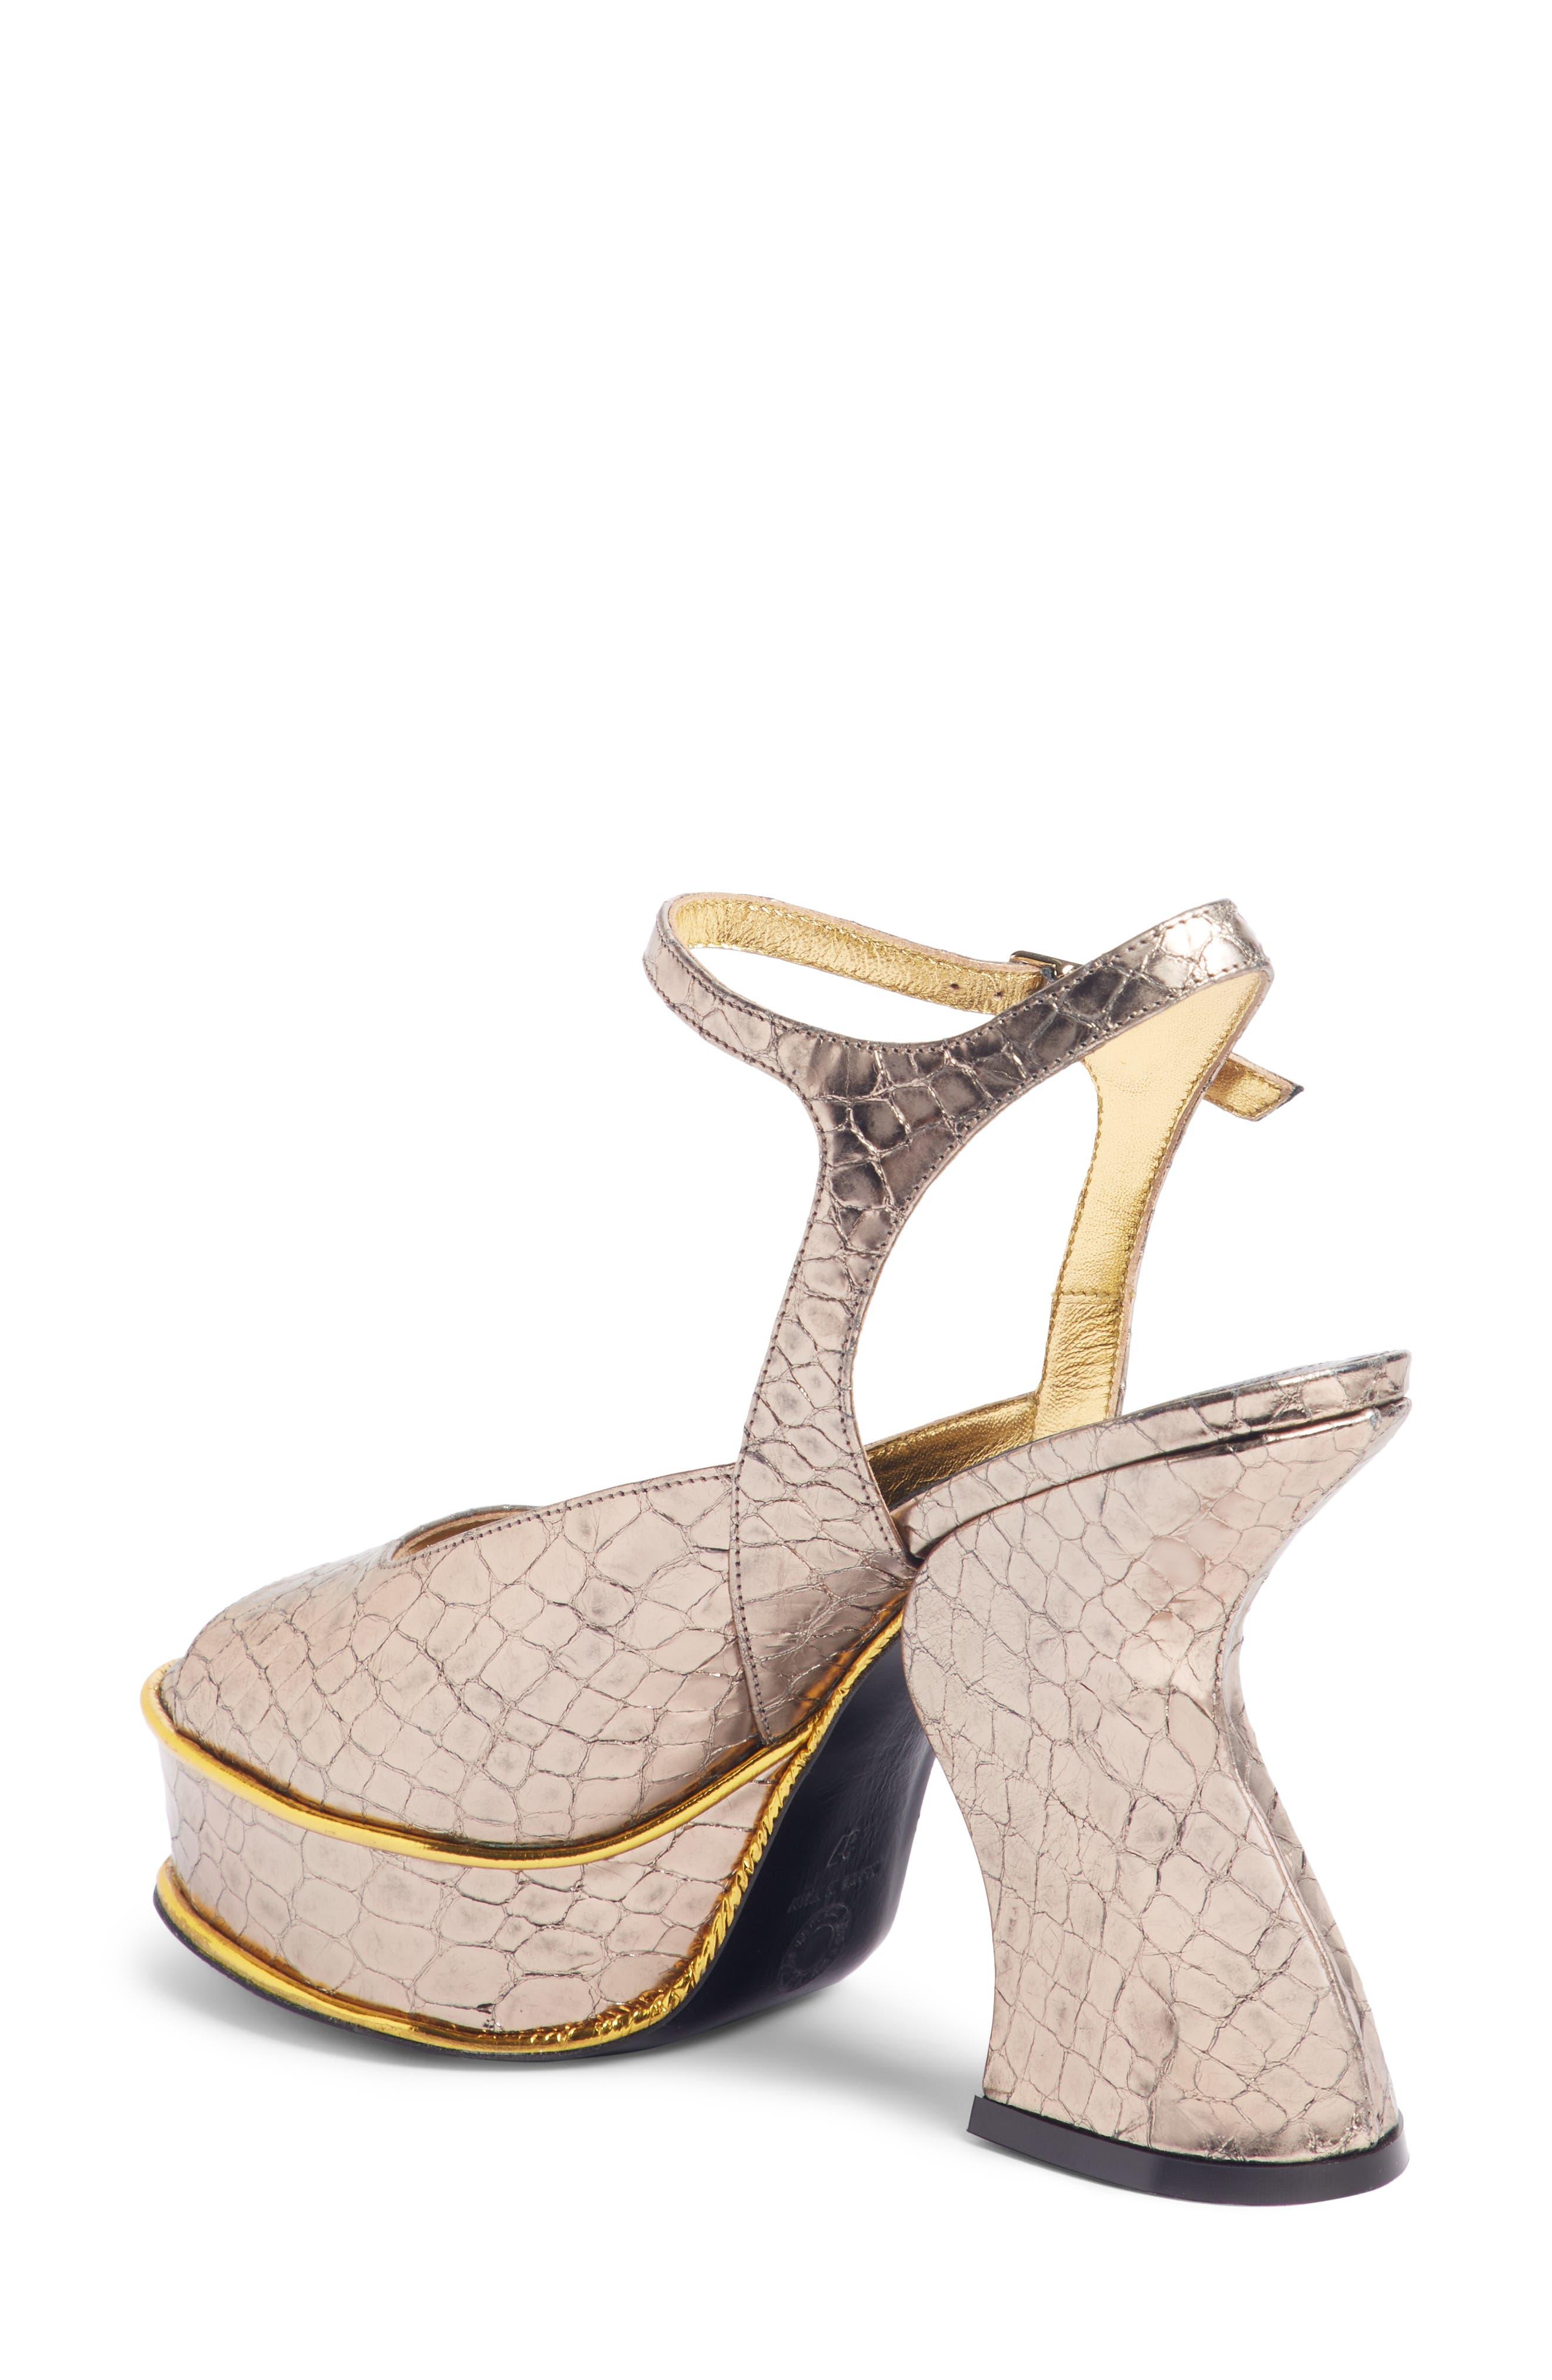 Wave Heel Platform Sandal,                             Alternate thumbnail 2, color,                             SILVER